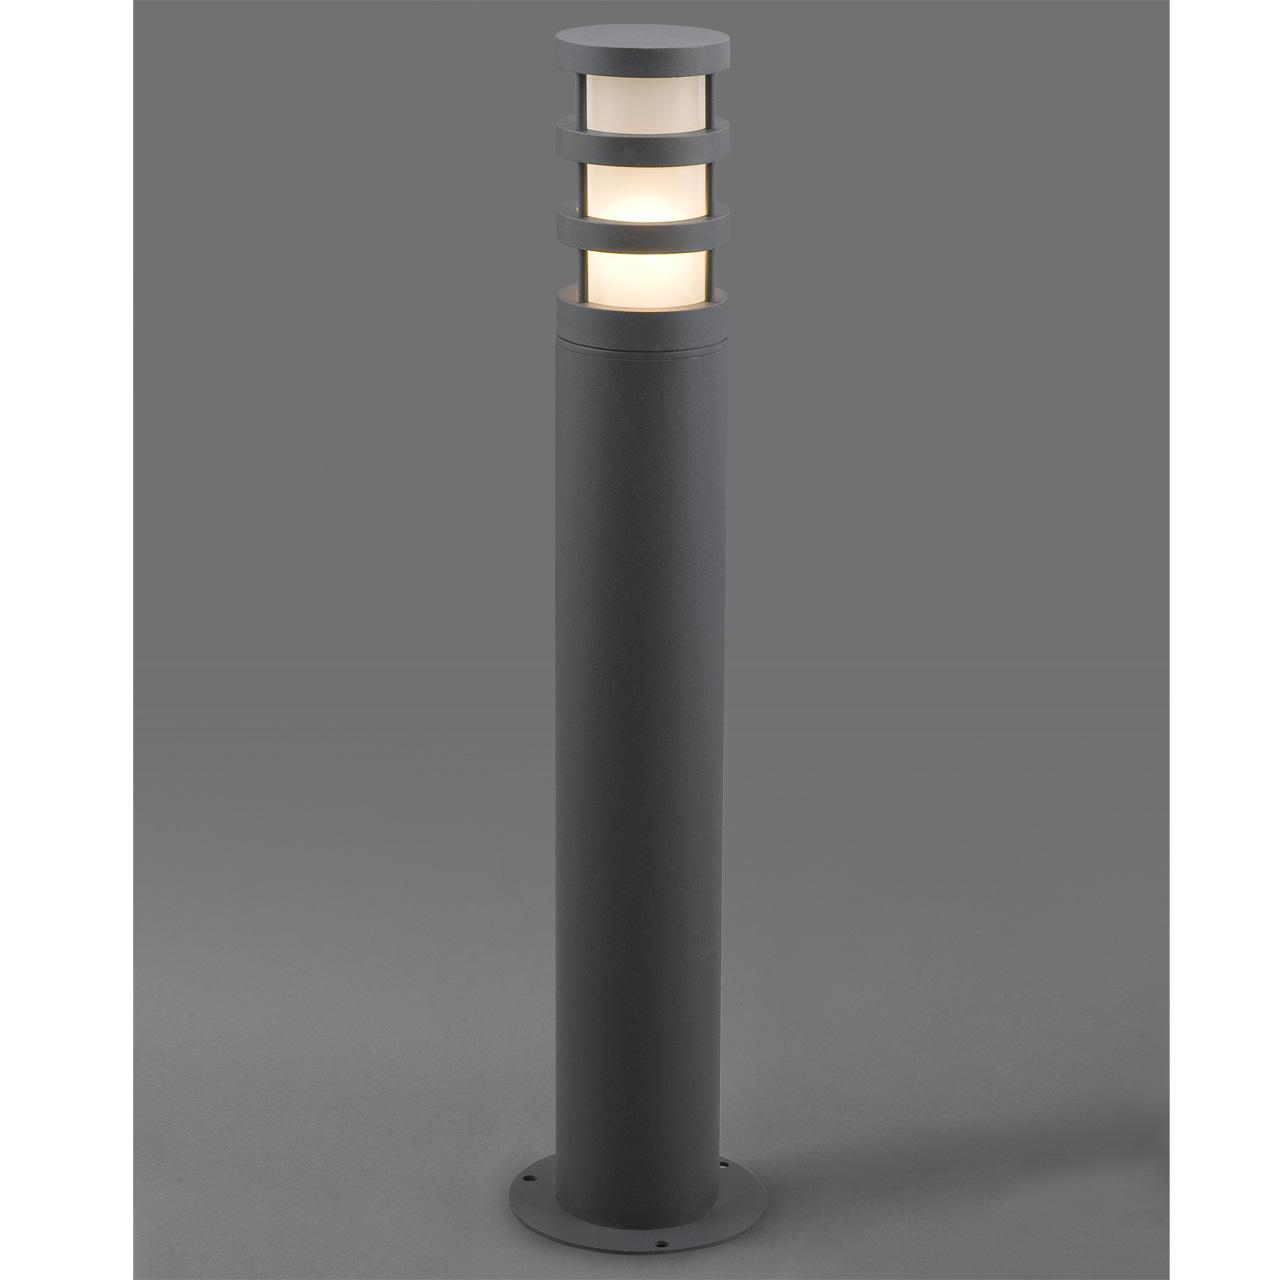 Уличный светильник Nowodvorski Norin 4446 цена и фото